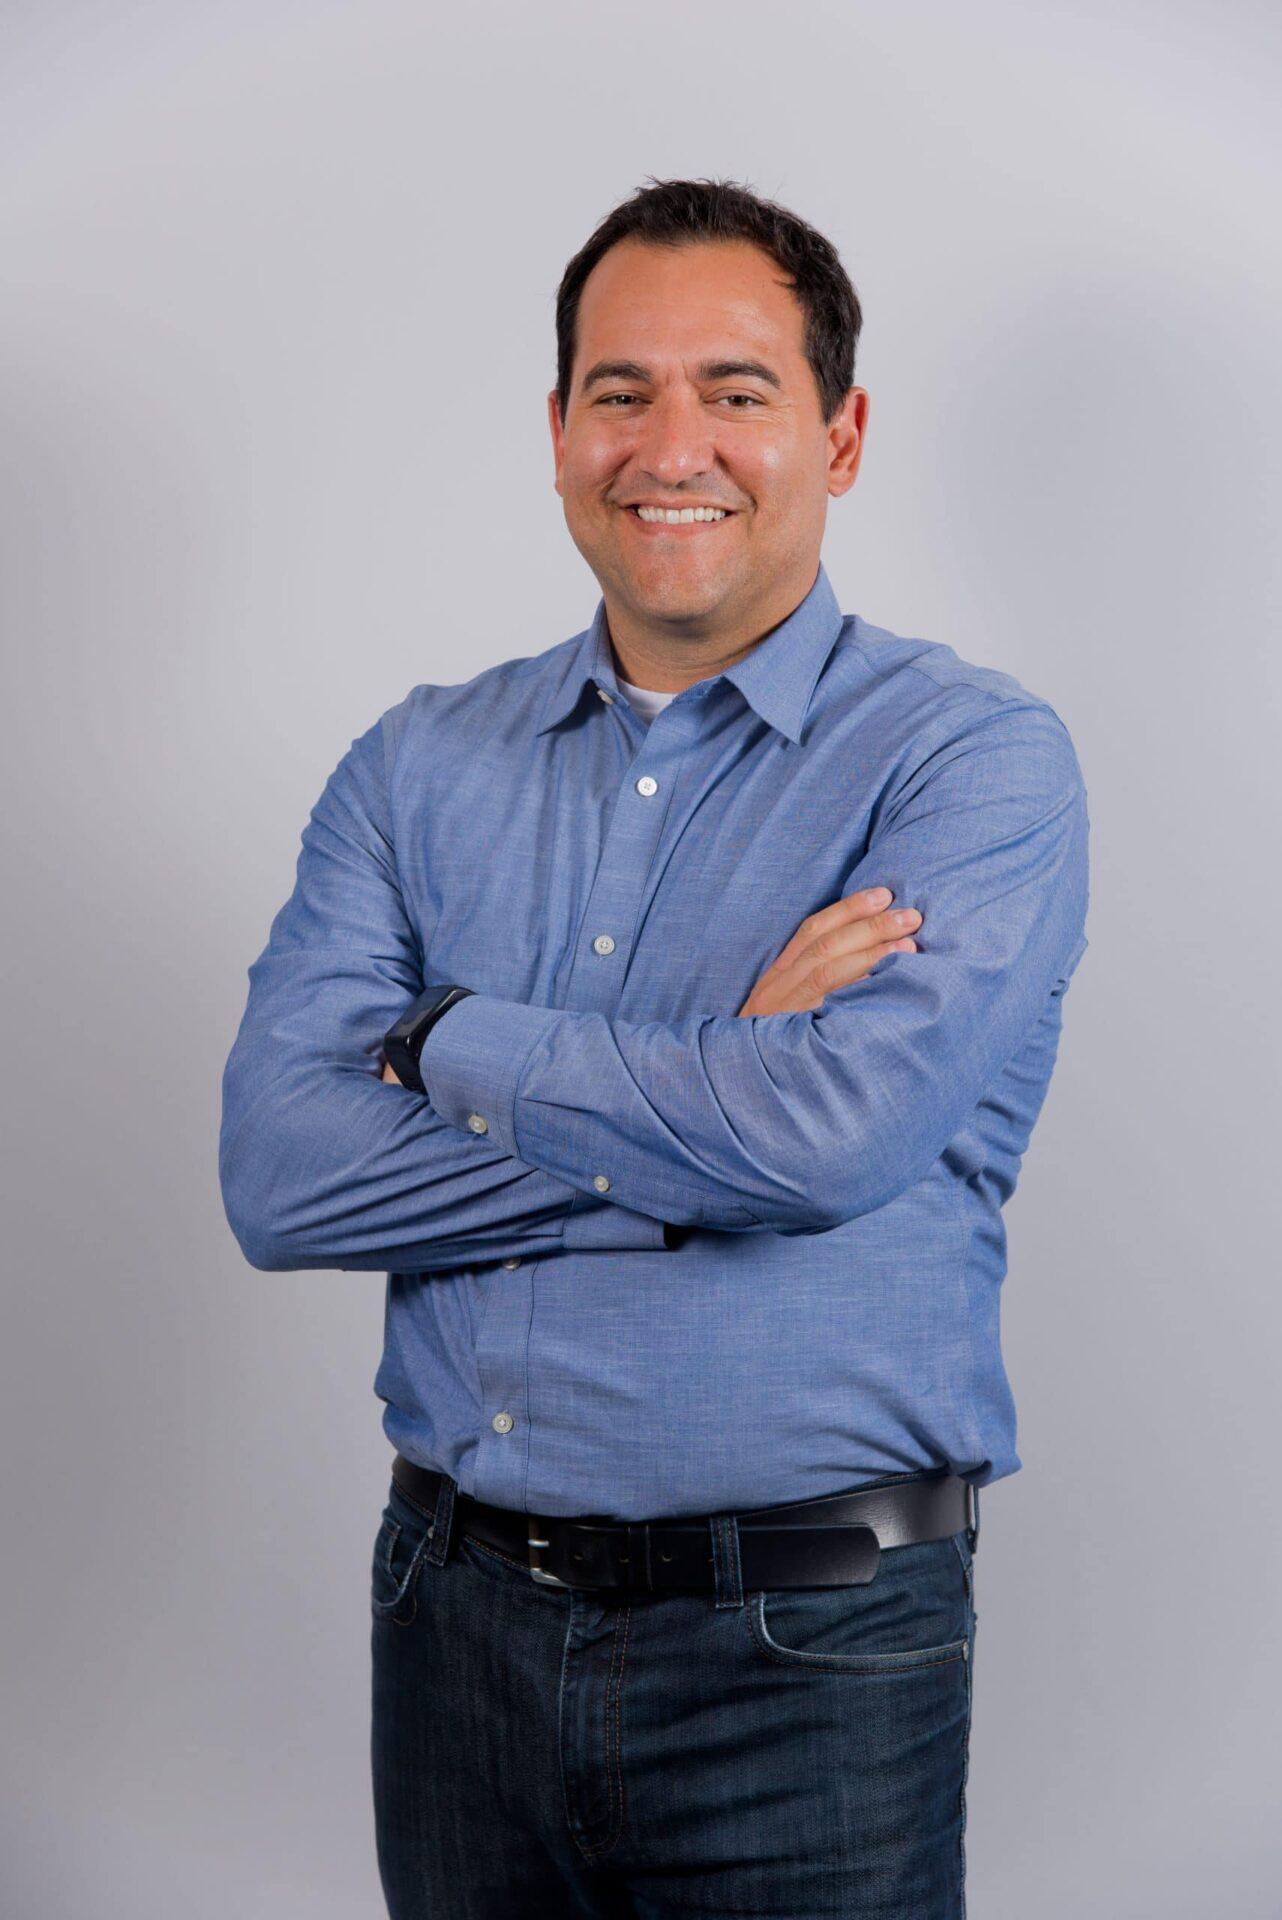 Jeremy Miller FSAstore.com